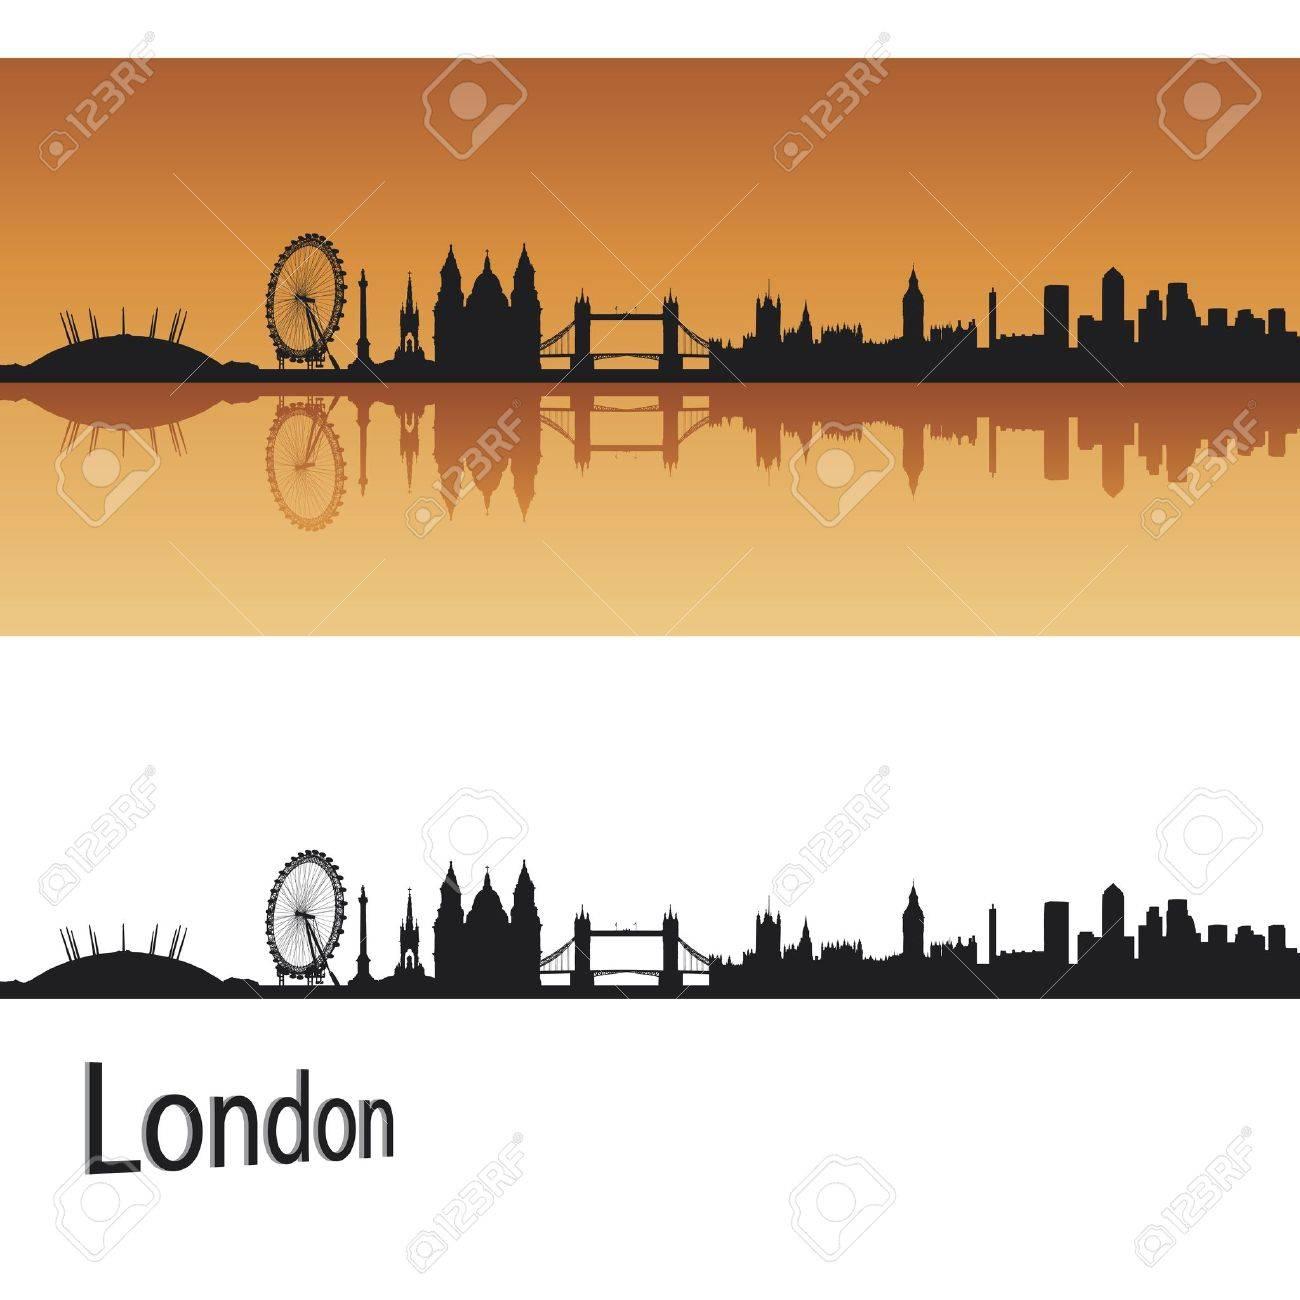 London skyline in orange background Stock Vector - 16687059